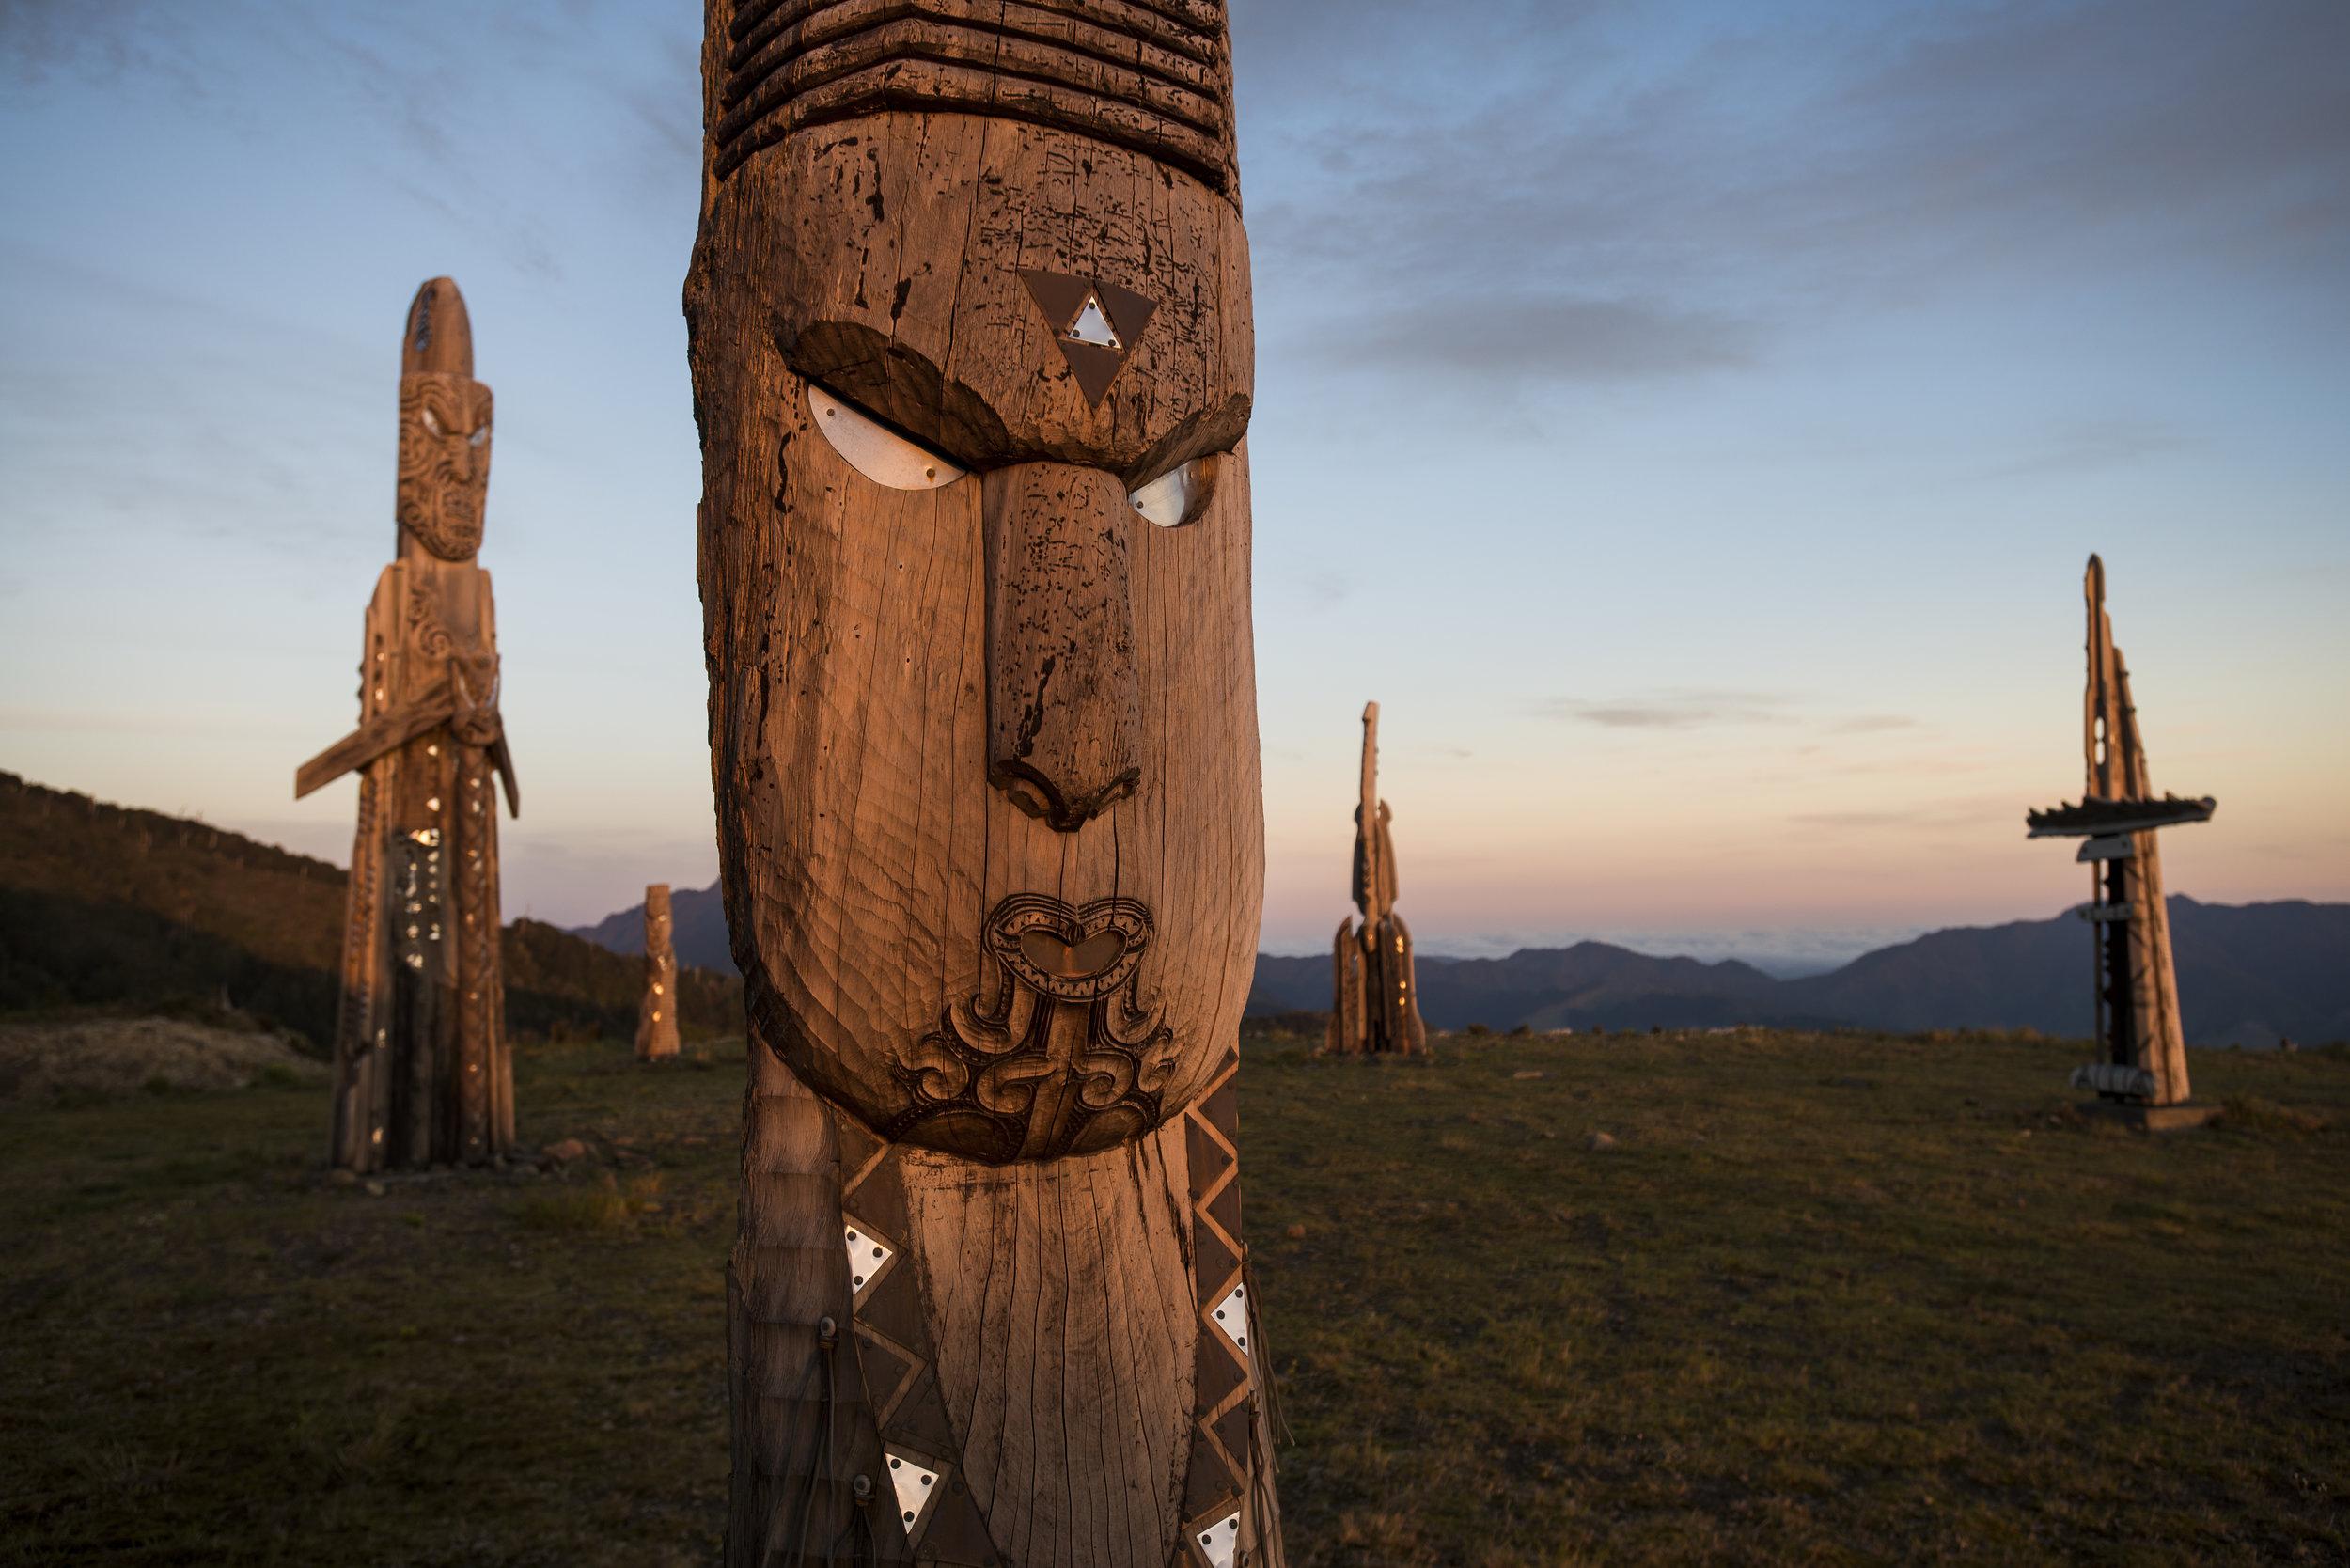 The sunrise and spiritual experience found at Maunga Hikurangi is like nothing else